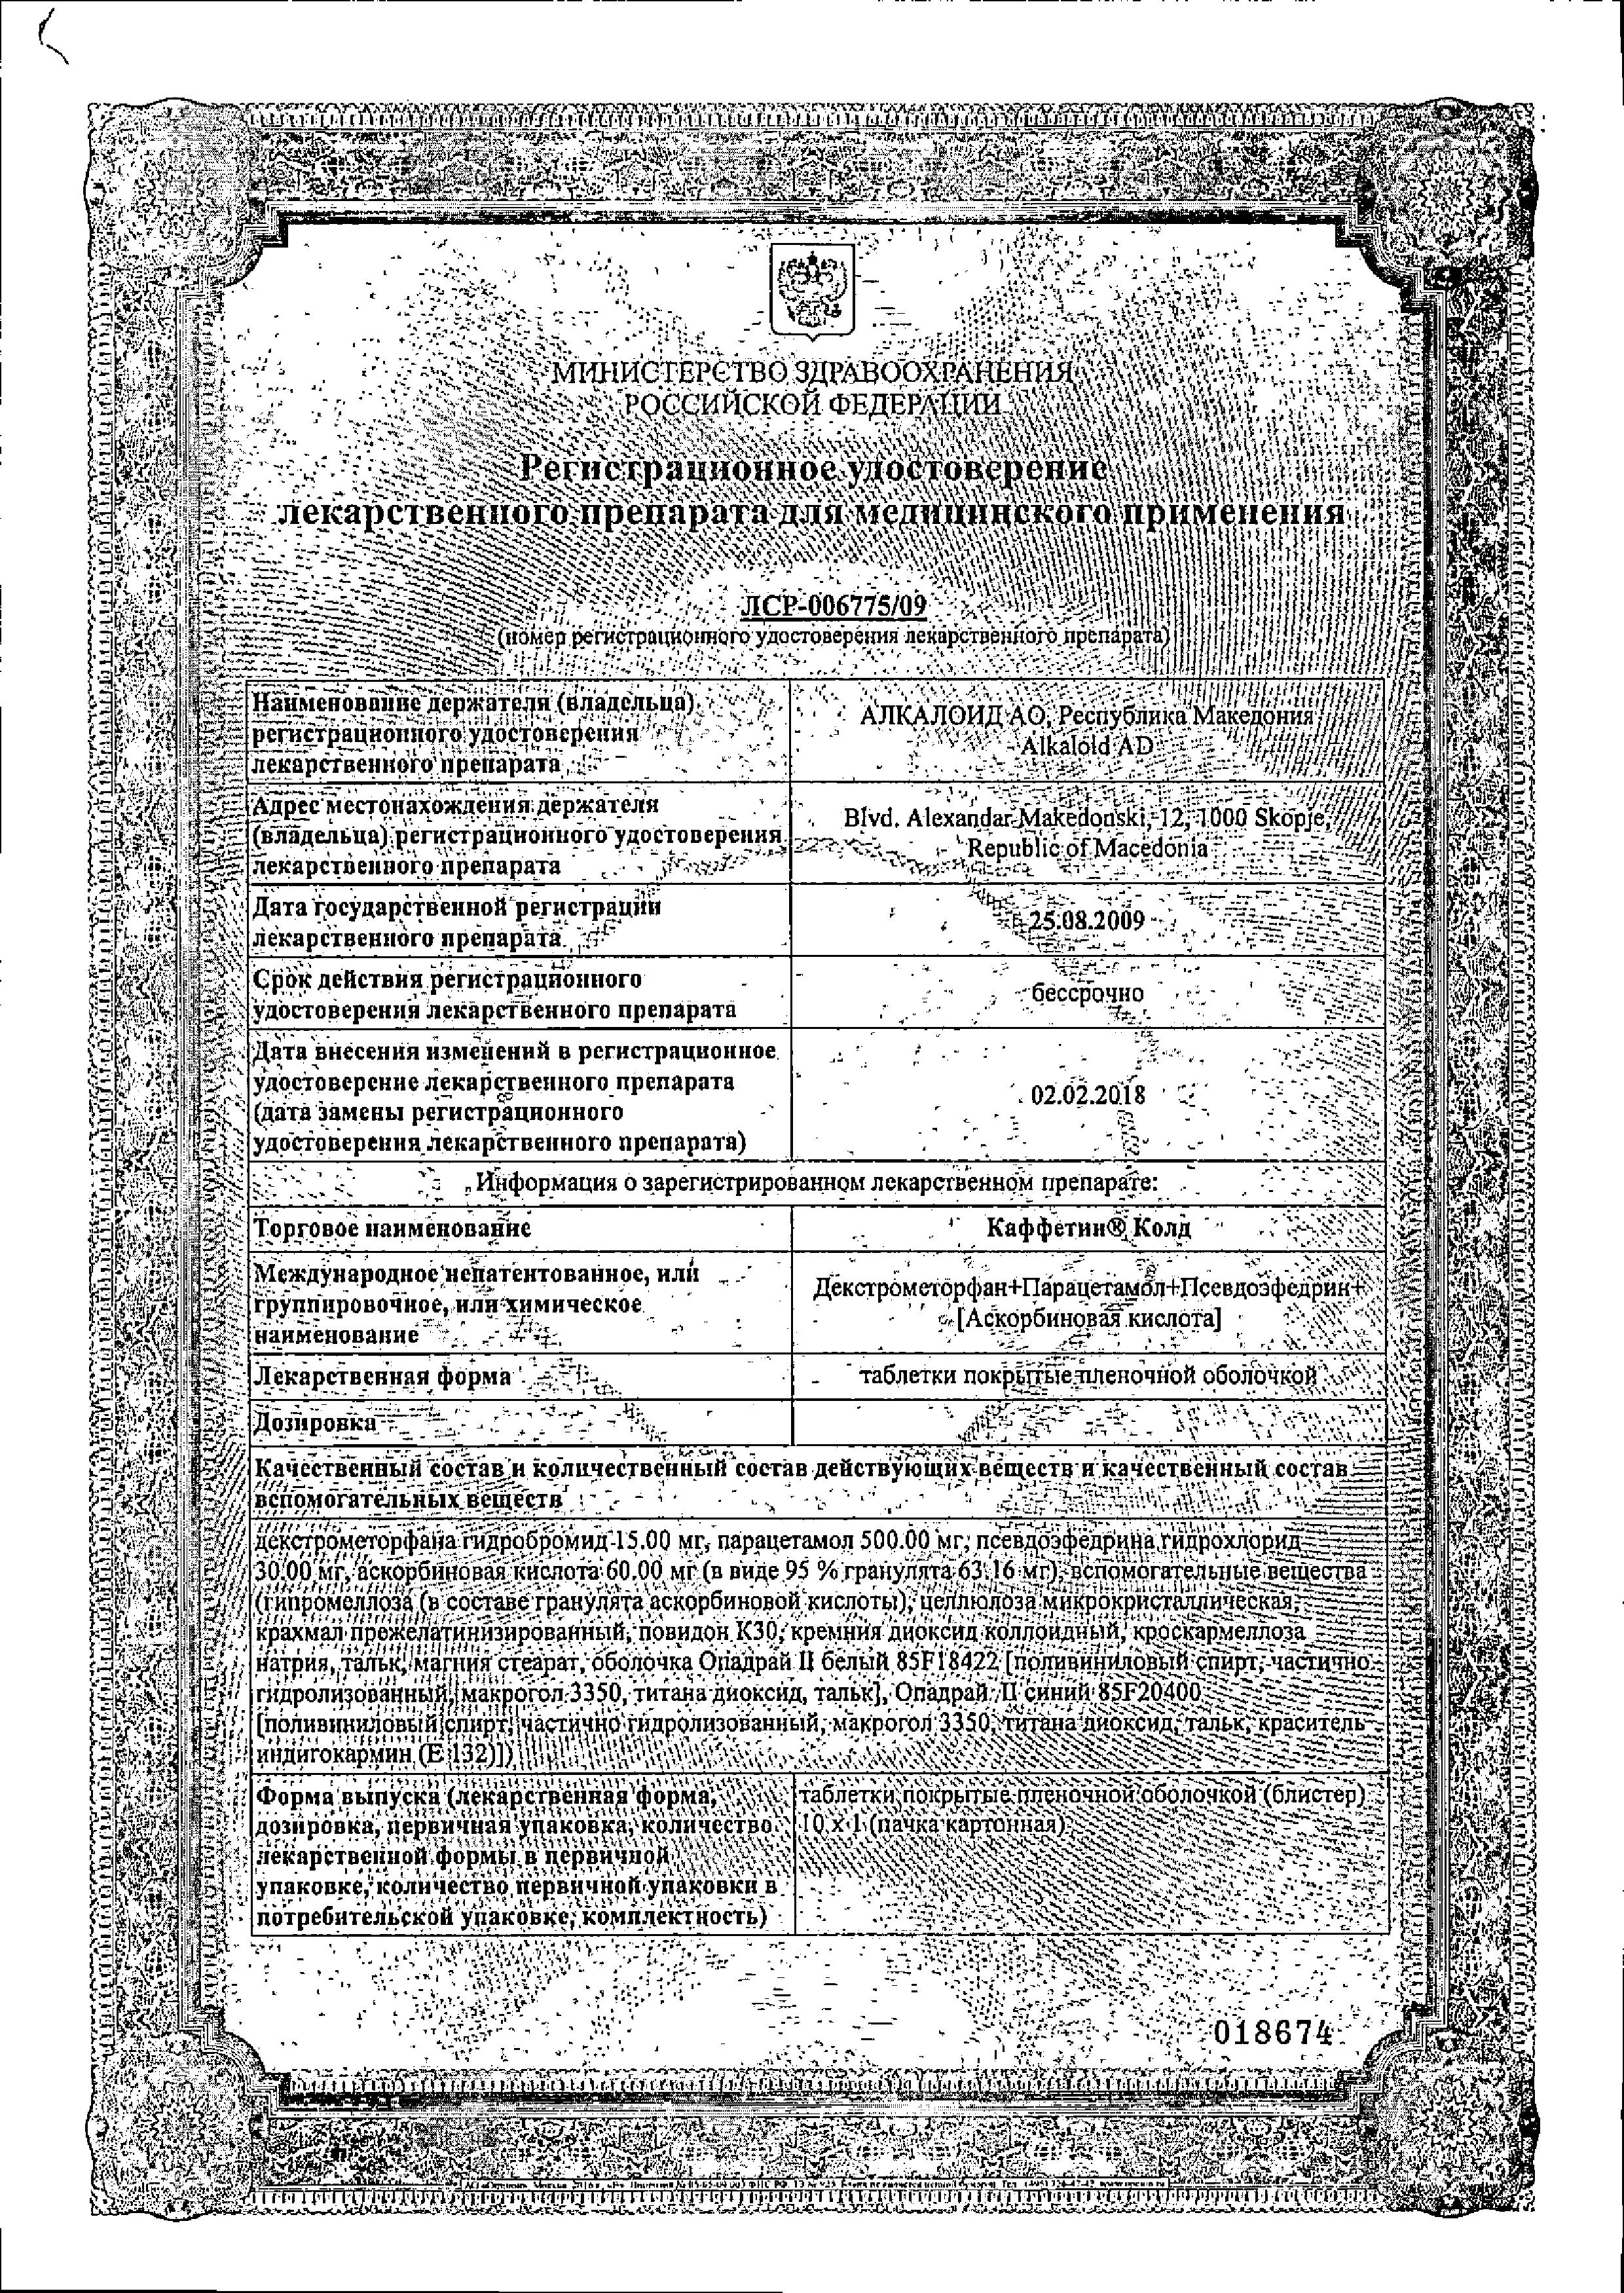 Каффетин Колд сертификат